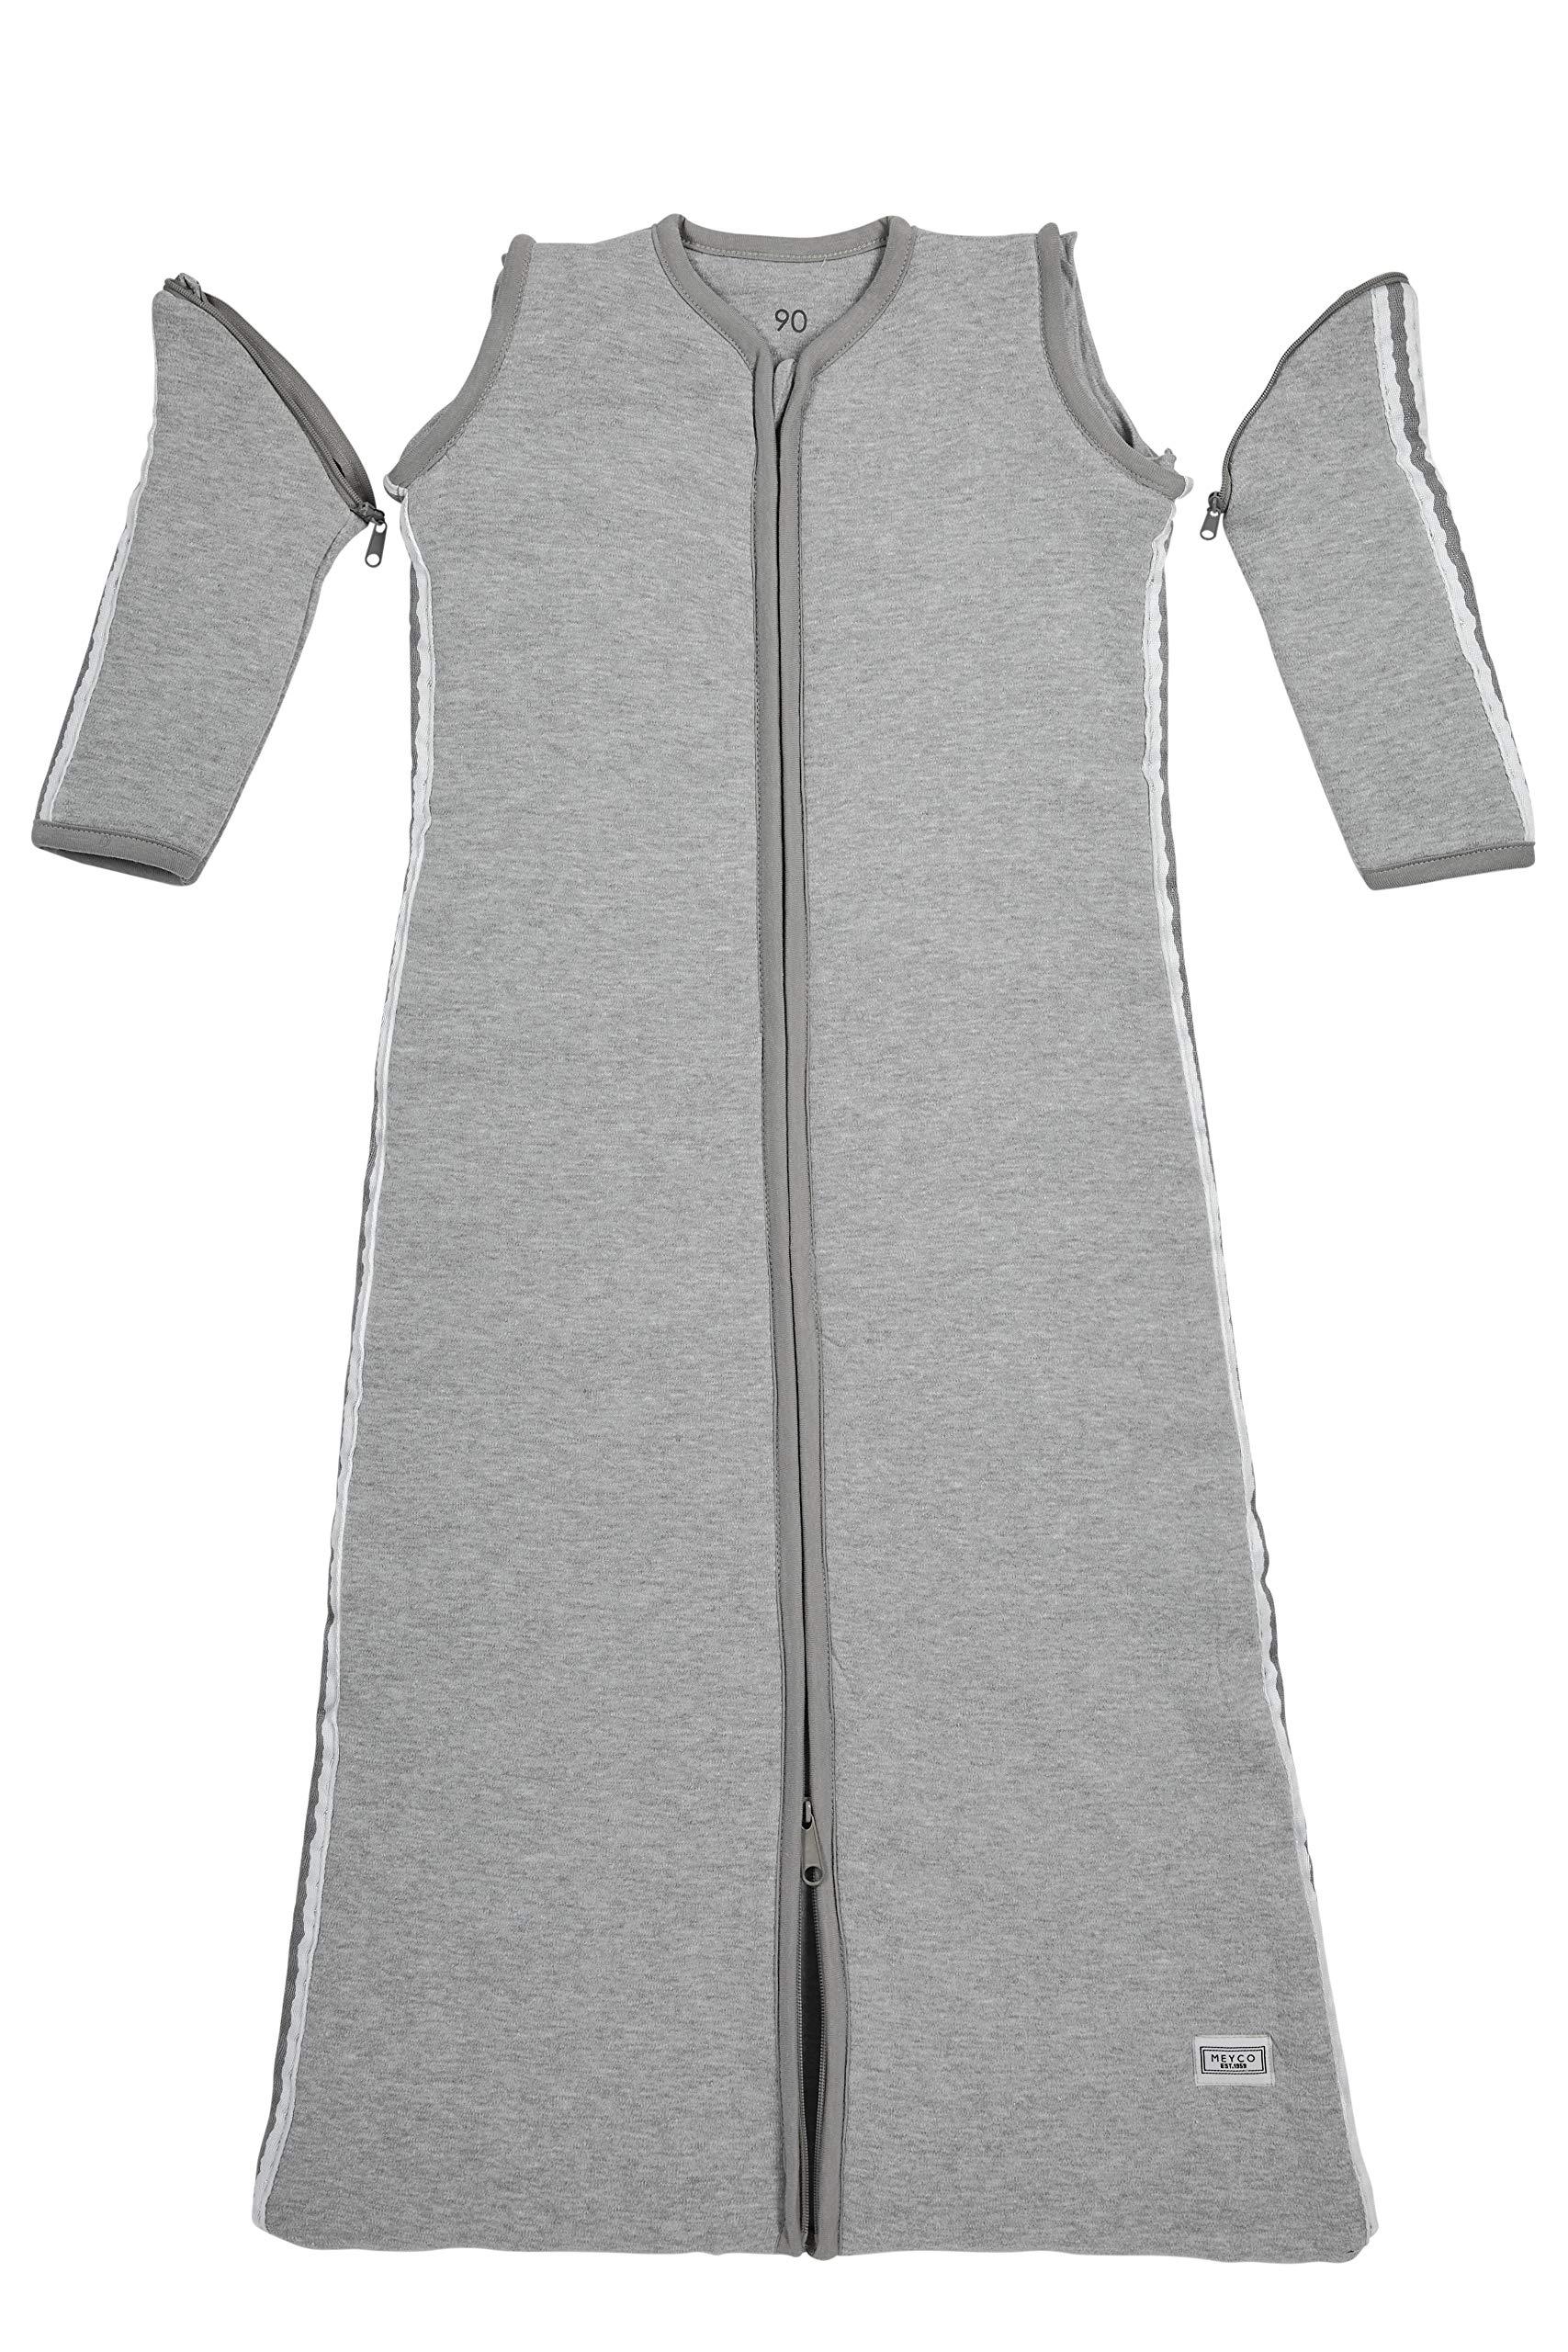 912 xkmMNIL - Meyco 514025Saco de dormir de invierno 90cm, Gris con Lurex ribete gris